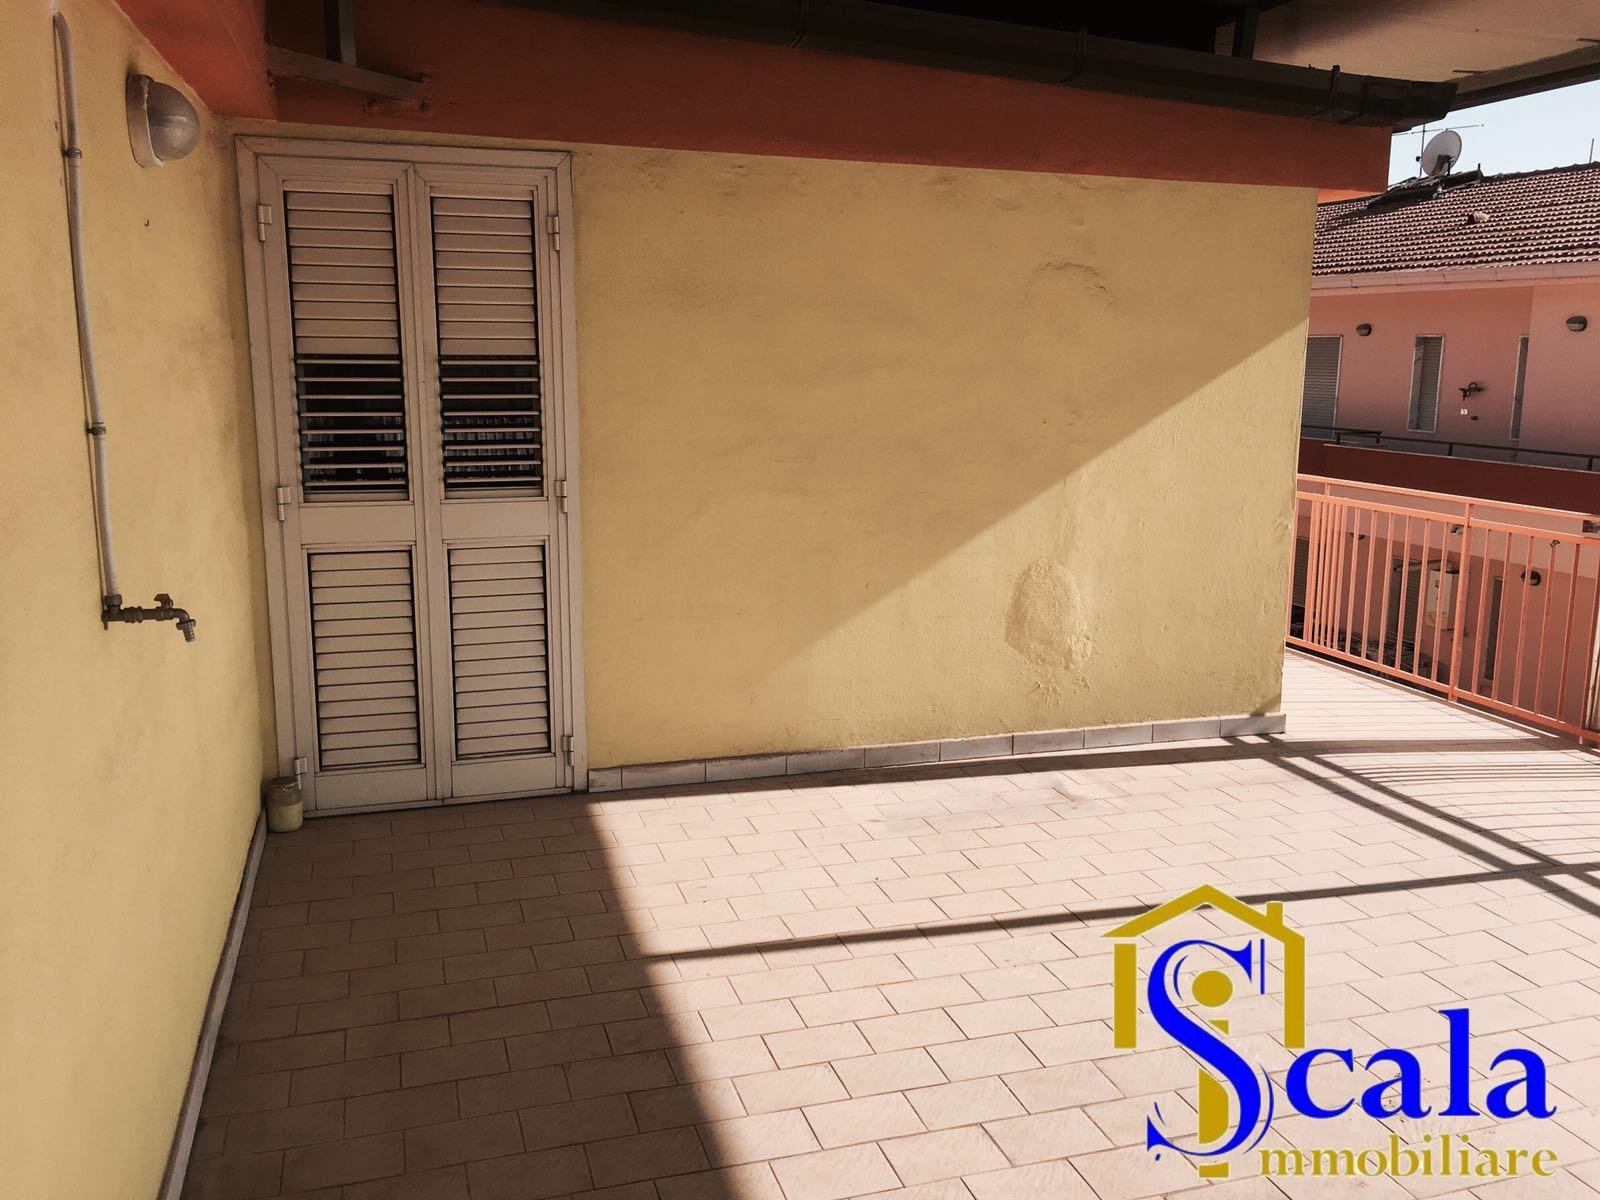 Appartamento in affitto a Macerata Campania, 3 locali, prezzo € 320 | CambioCasa.it